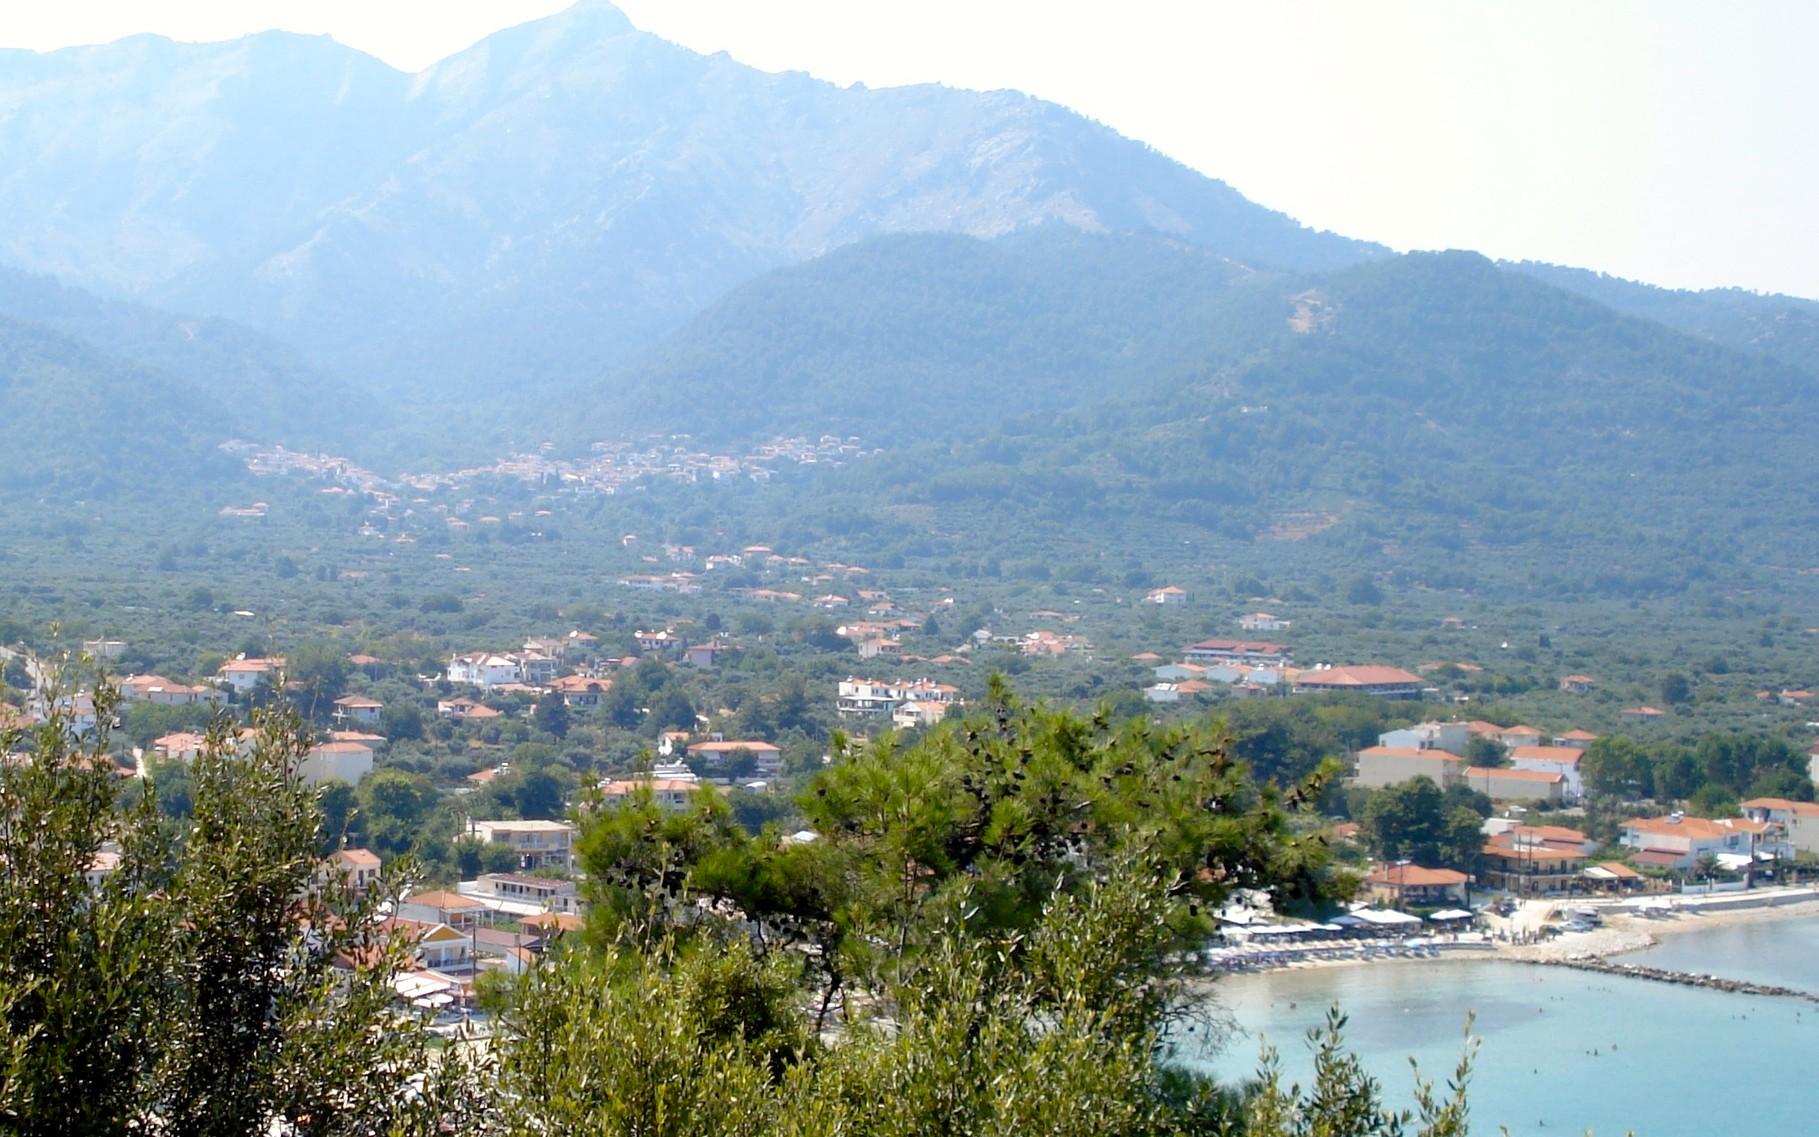 Vue d'un village entrer mer et montagne